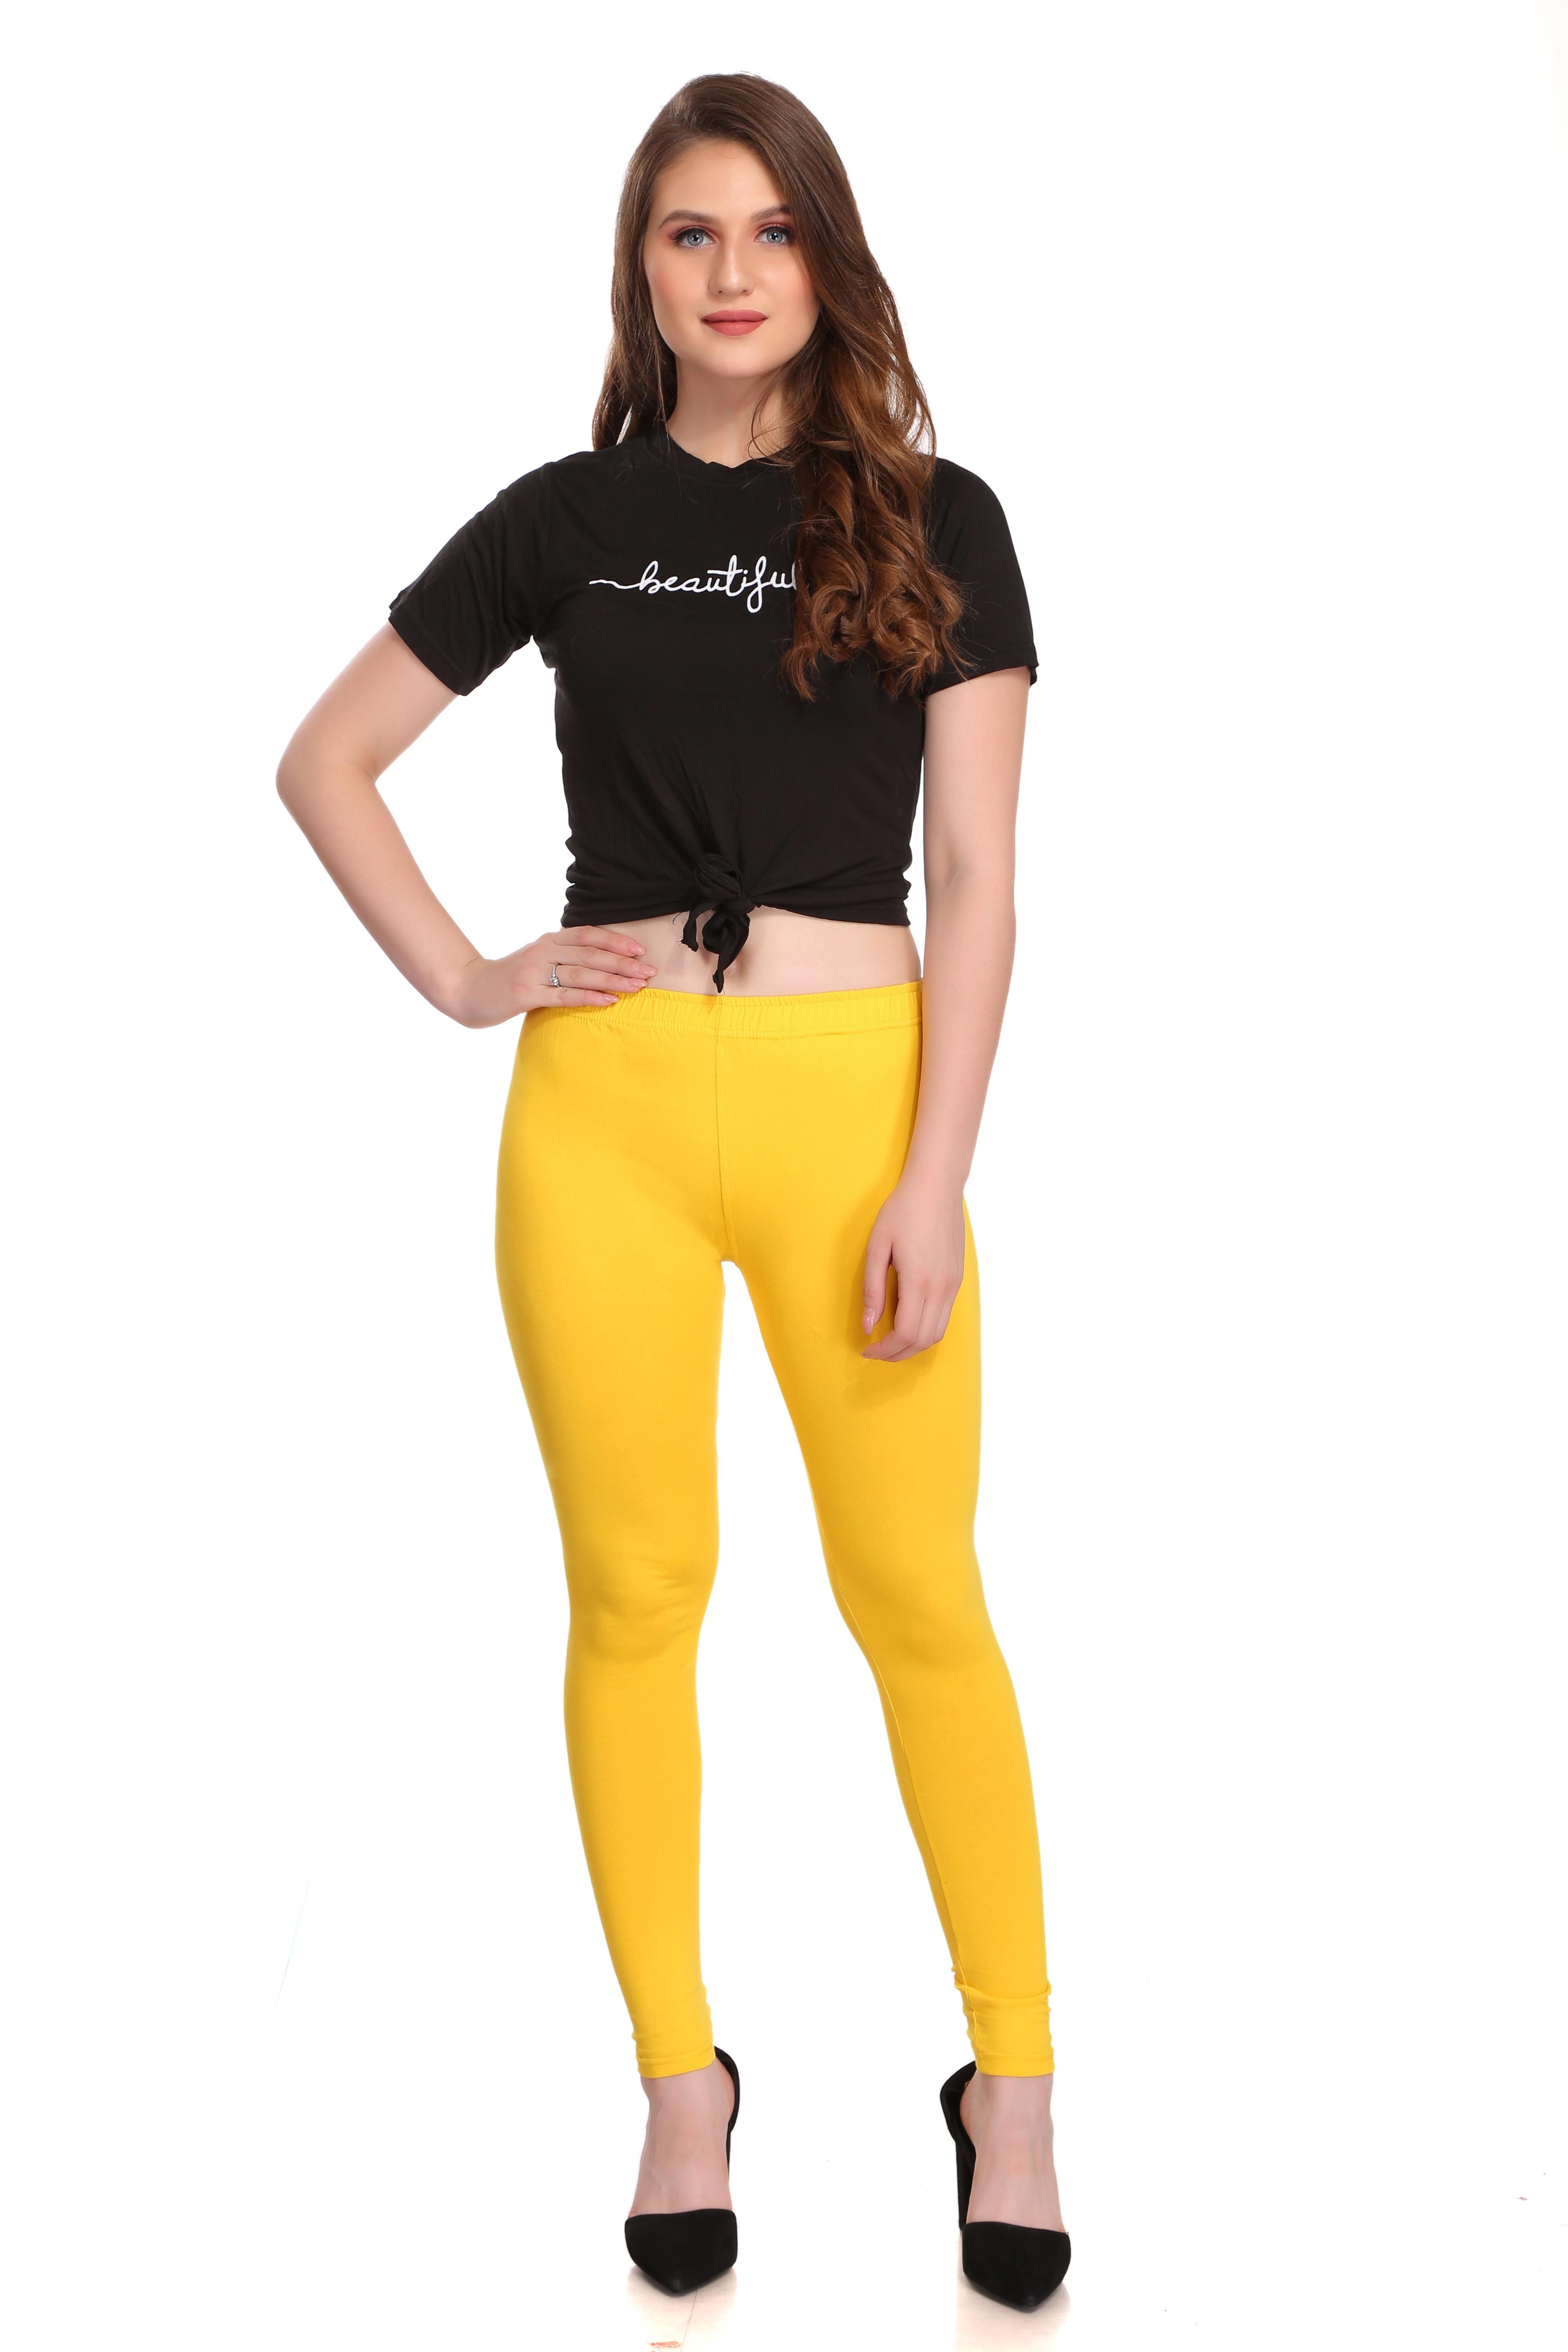 Colorfit   Colorfit Cotton Lycra Ankle Length Leggings for Women